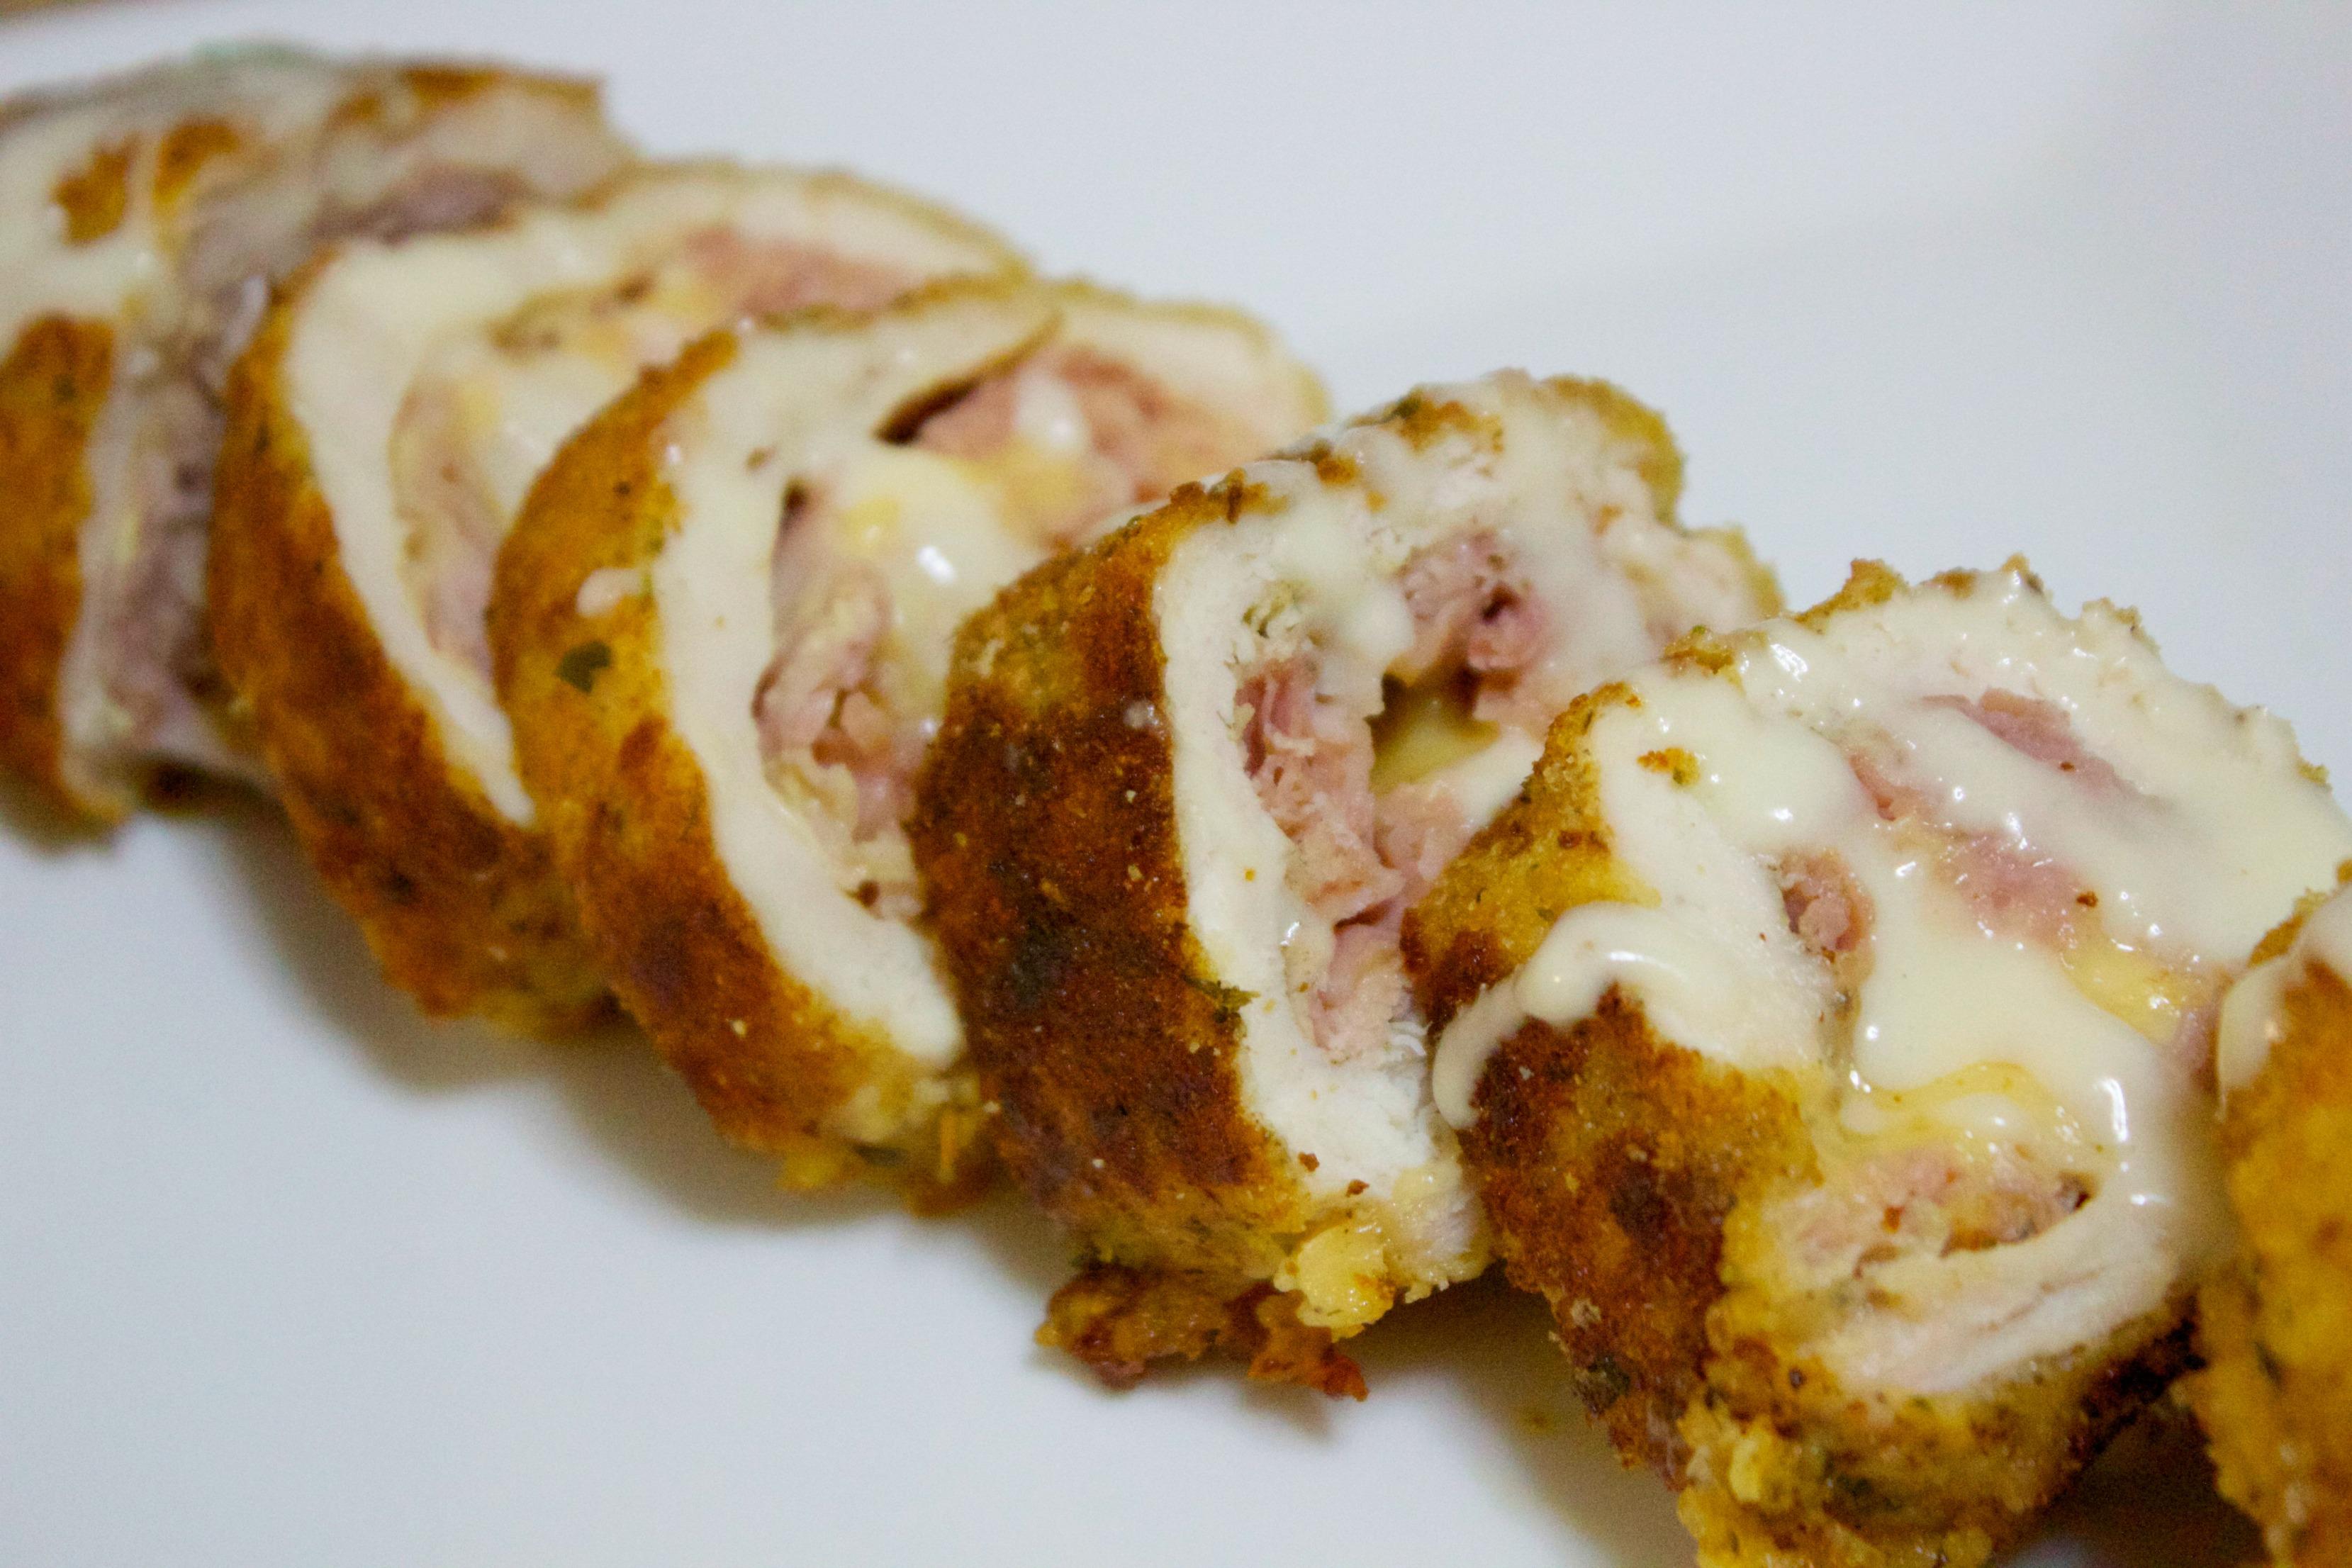 Chicken Cordon Bleu with honey ham and gouda cheese.